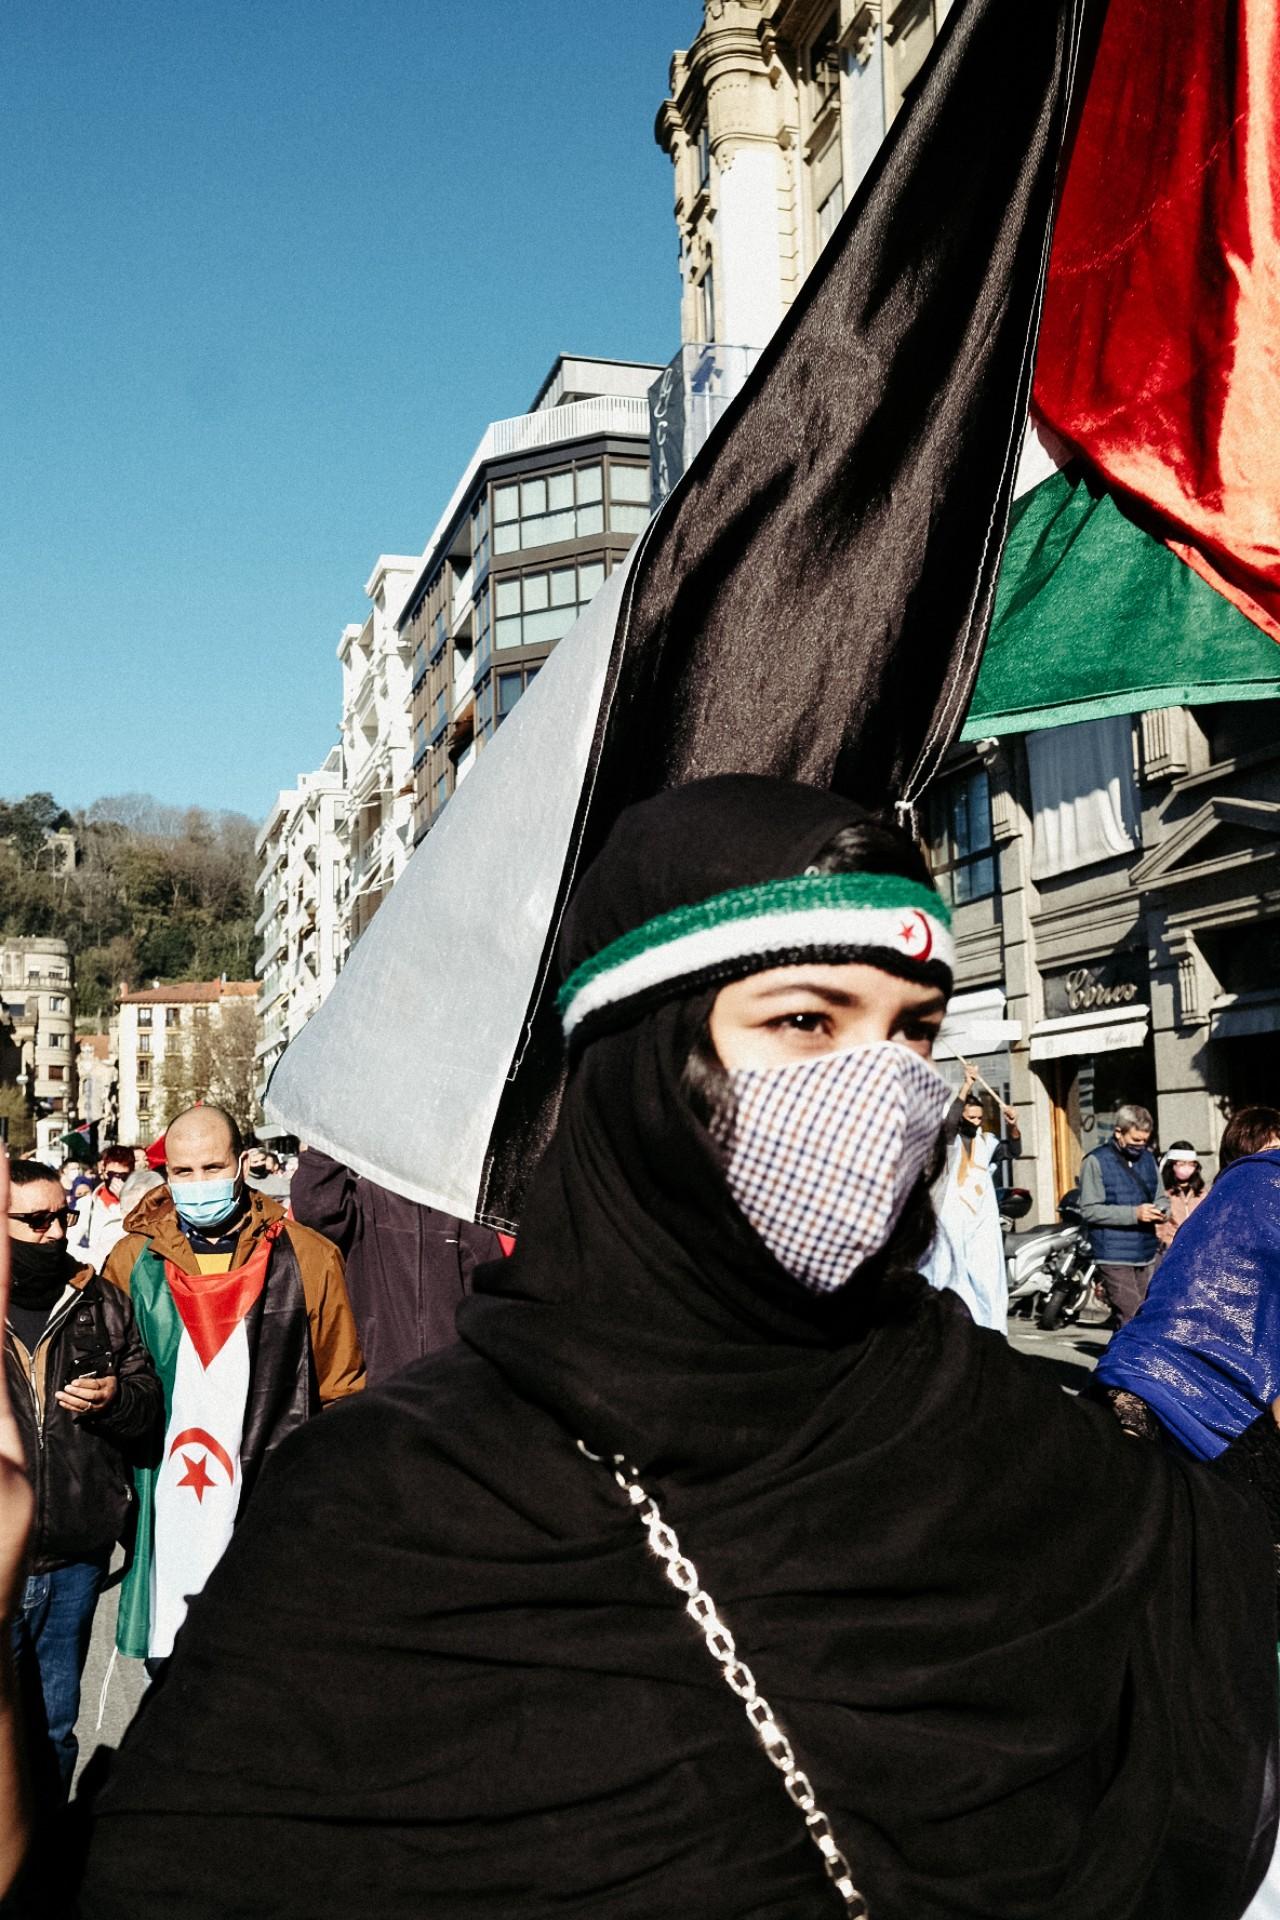 2020 1121 12180400 copy 1280x1920 - Donostia se manifiesta por una 'Sáhara libre'